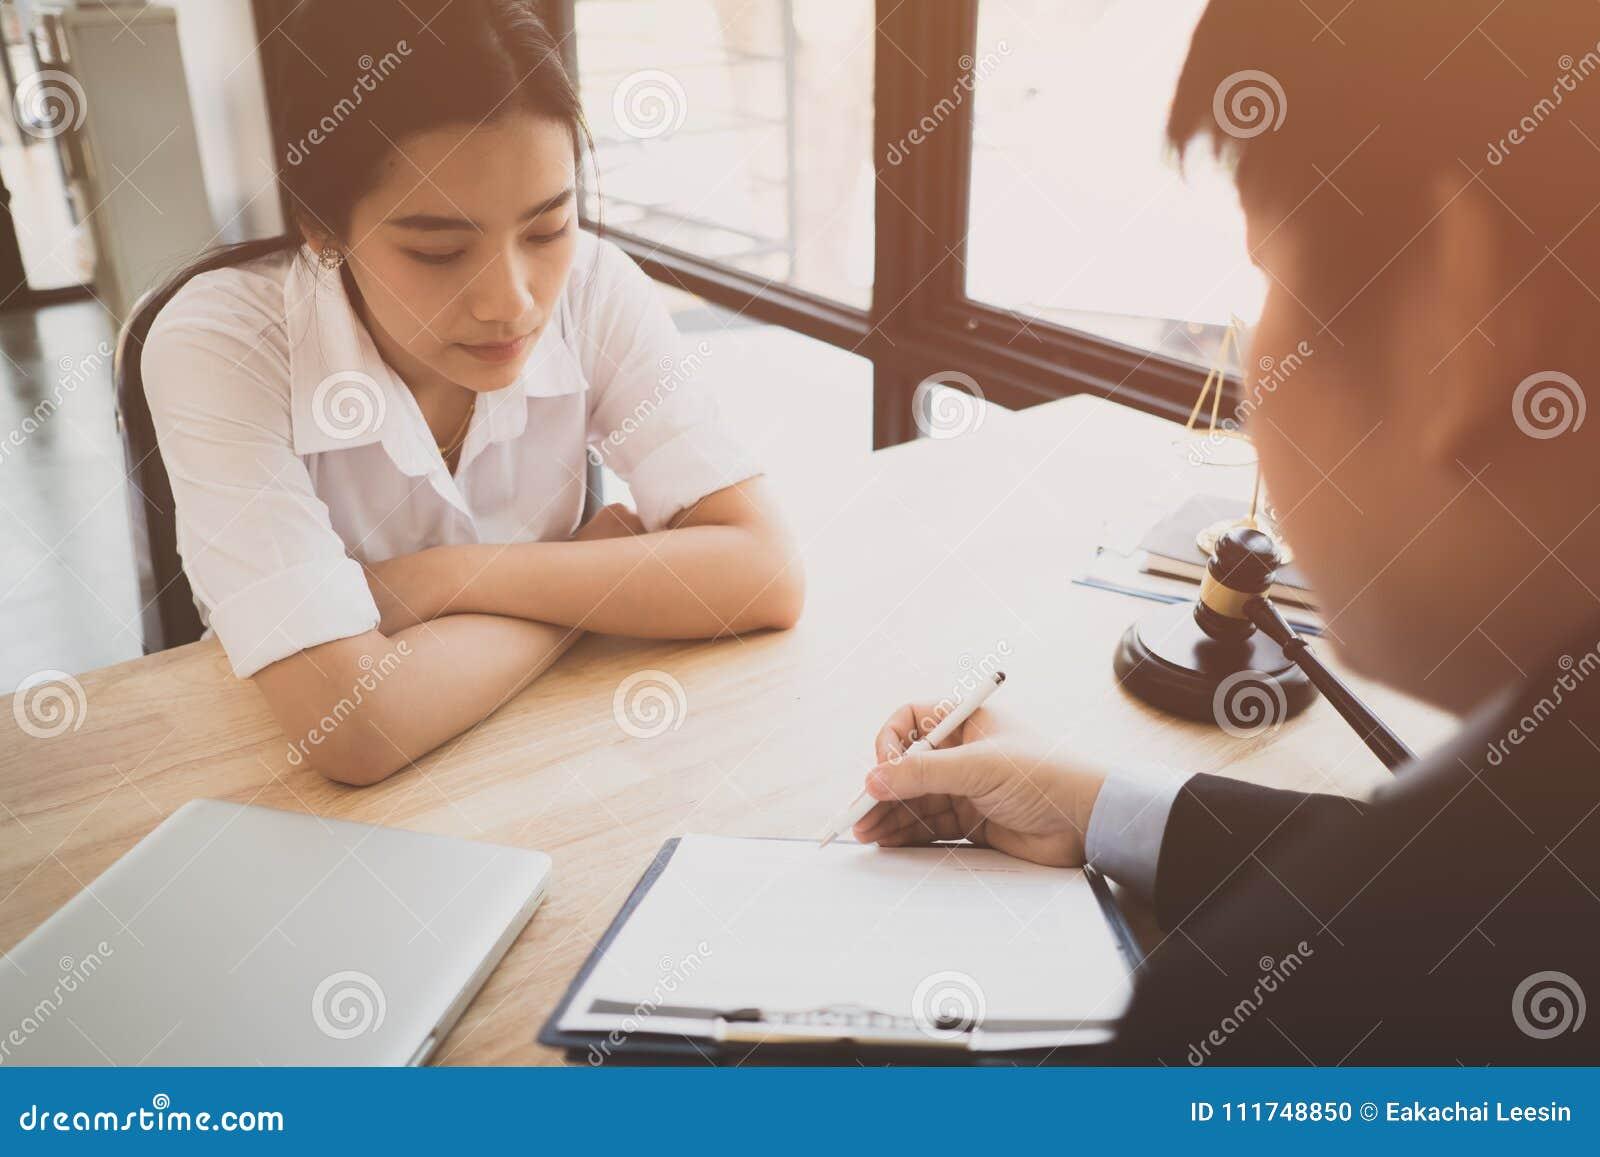 Клиент и юрист имеют встречу сидеть вниз лицом к лицу для того чтобы обсудить законное